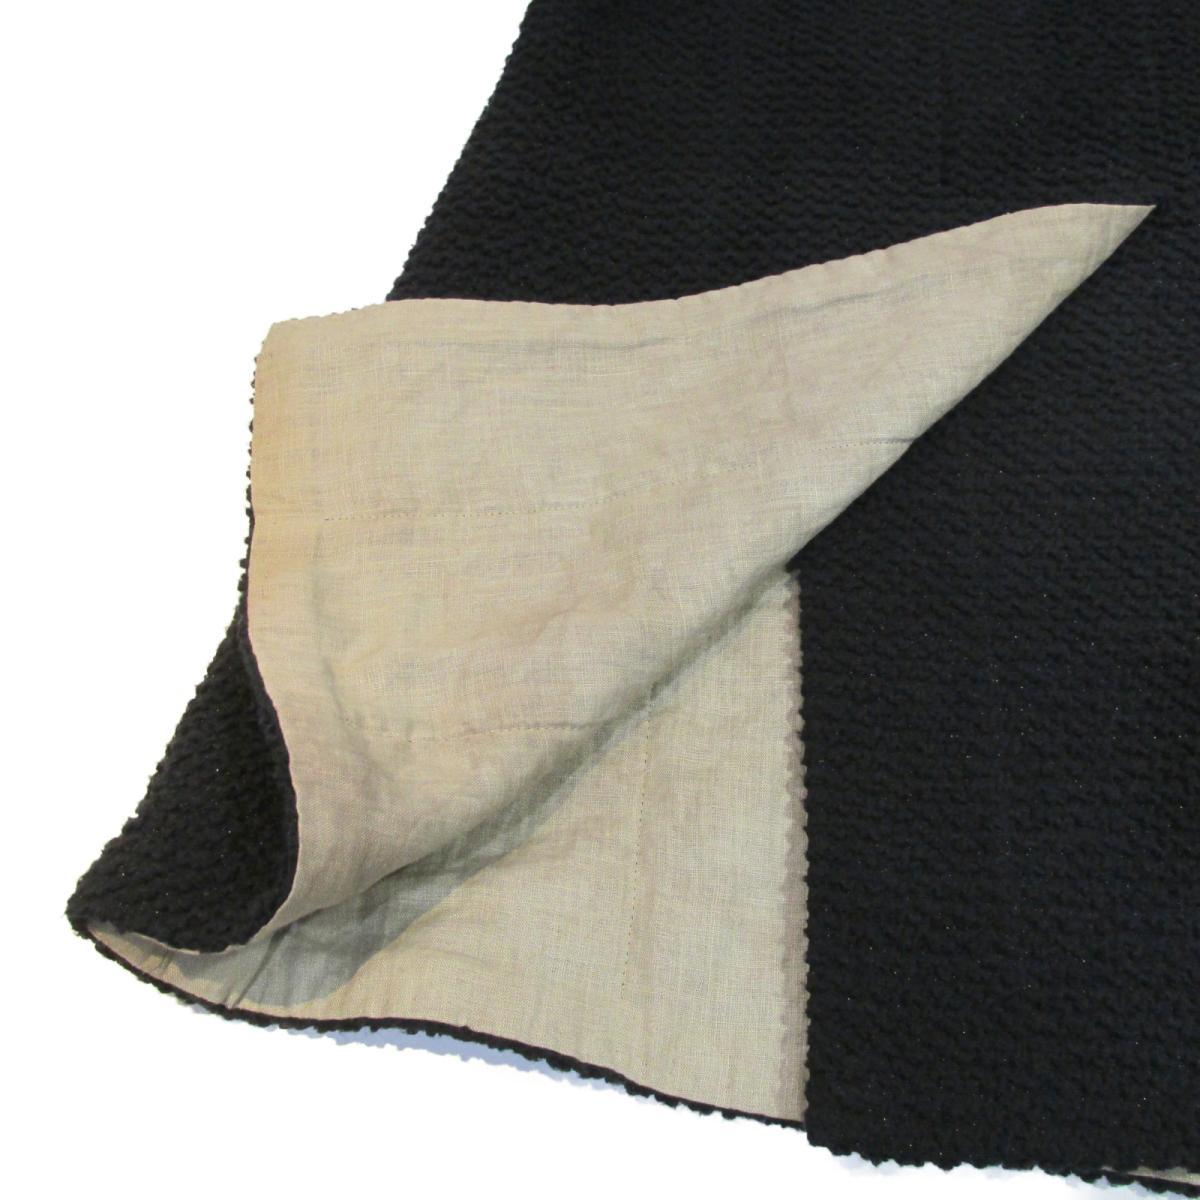 シャネル スカート 衣料品 レディース 45%コットン × 31%アクリル 14%ポリエステル 5%ナイロン 4%ポリエステルBWroeCxd